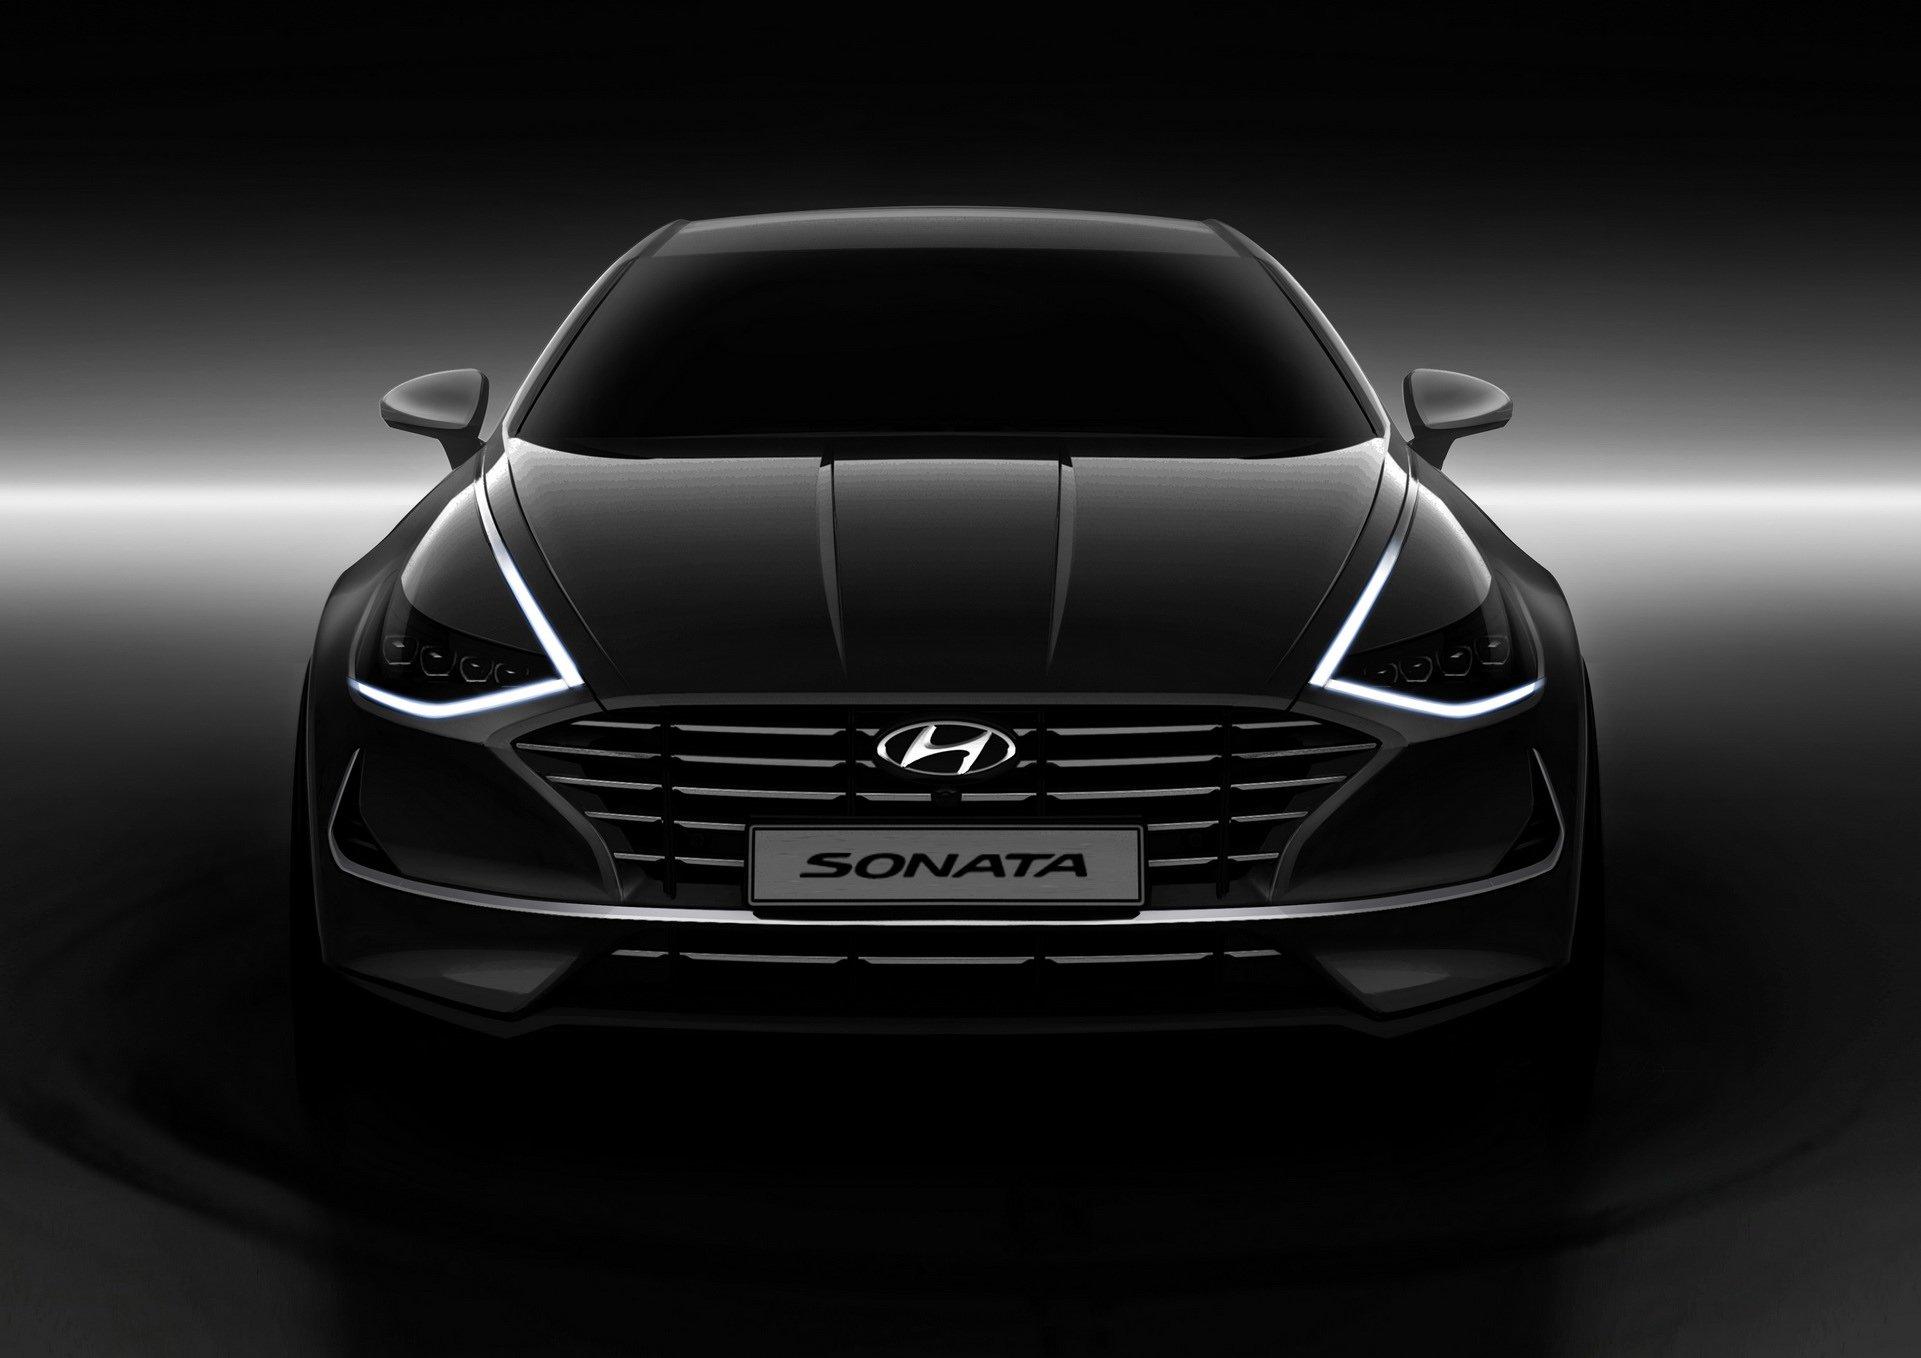 2020-hyundai-sonata-1.jpg